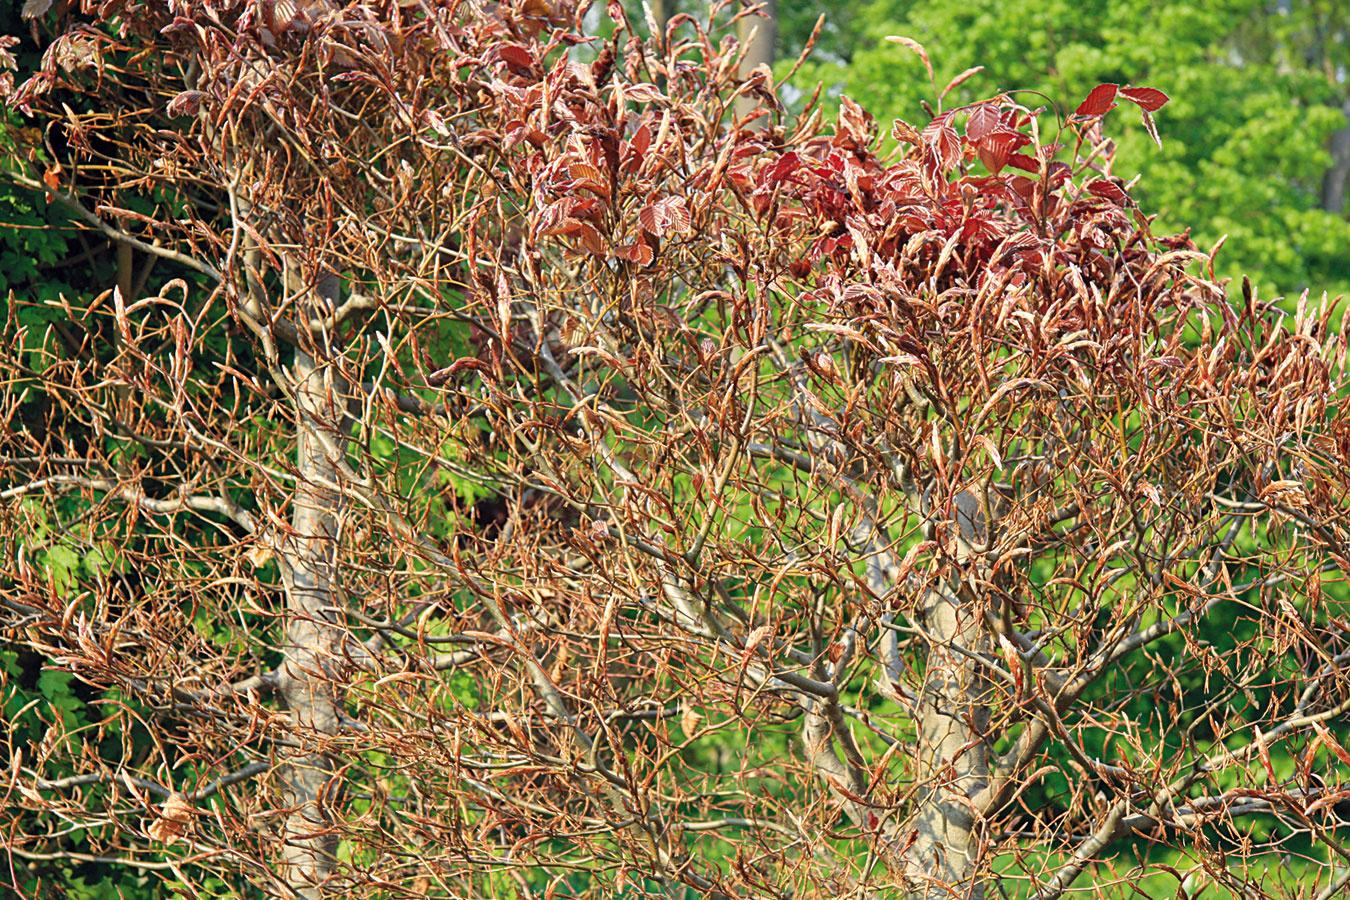 Skoro na jar prezrite aj fasády porastené popínavkami aodstráňte im všetky suché apolámané výhonky. Preč musí ísť aj nafúkané lístie, zimný odpad, prípadne zvyšky hniezd. Porast možno aj presvetliť. Stihnúť to však treba ešte predtým, ako začnú hniezdiť vtáky. Najdlhšie výhony sa odporúča popriväzovať kopore (jej pevnosť ešte predtým skontrolujte). Ostrihať treba aj výhony na miestach, kde prekážajú (okolie okien, dverí, odkvapových rúr). Na jar možno zakladať aj živé ploty (na jej začiatku najmä zopadavých listnáčov). Kým mrzne, môžete ešte zmladiť staršie listnaté živé ploty (aj ztisu). Ku všetkým živým plotom treba po skyprení pôdy nasypať okolo koreňov dlhodobo pôsobiace hnojivo.